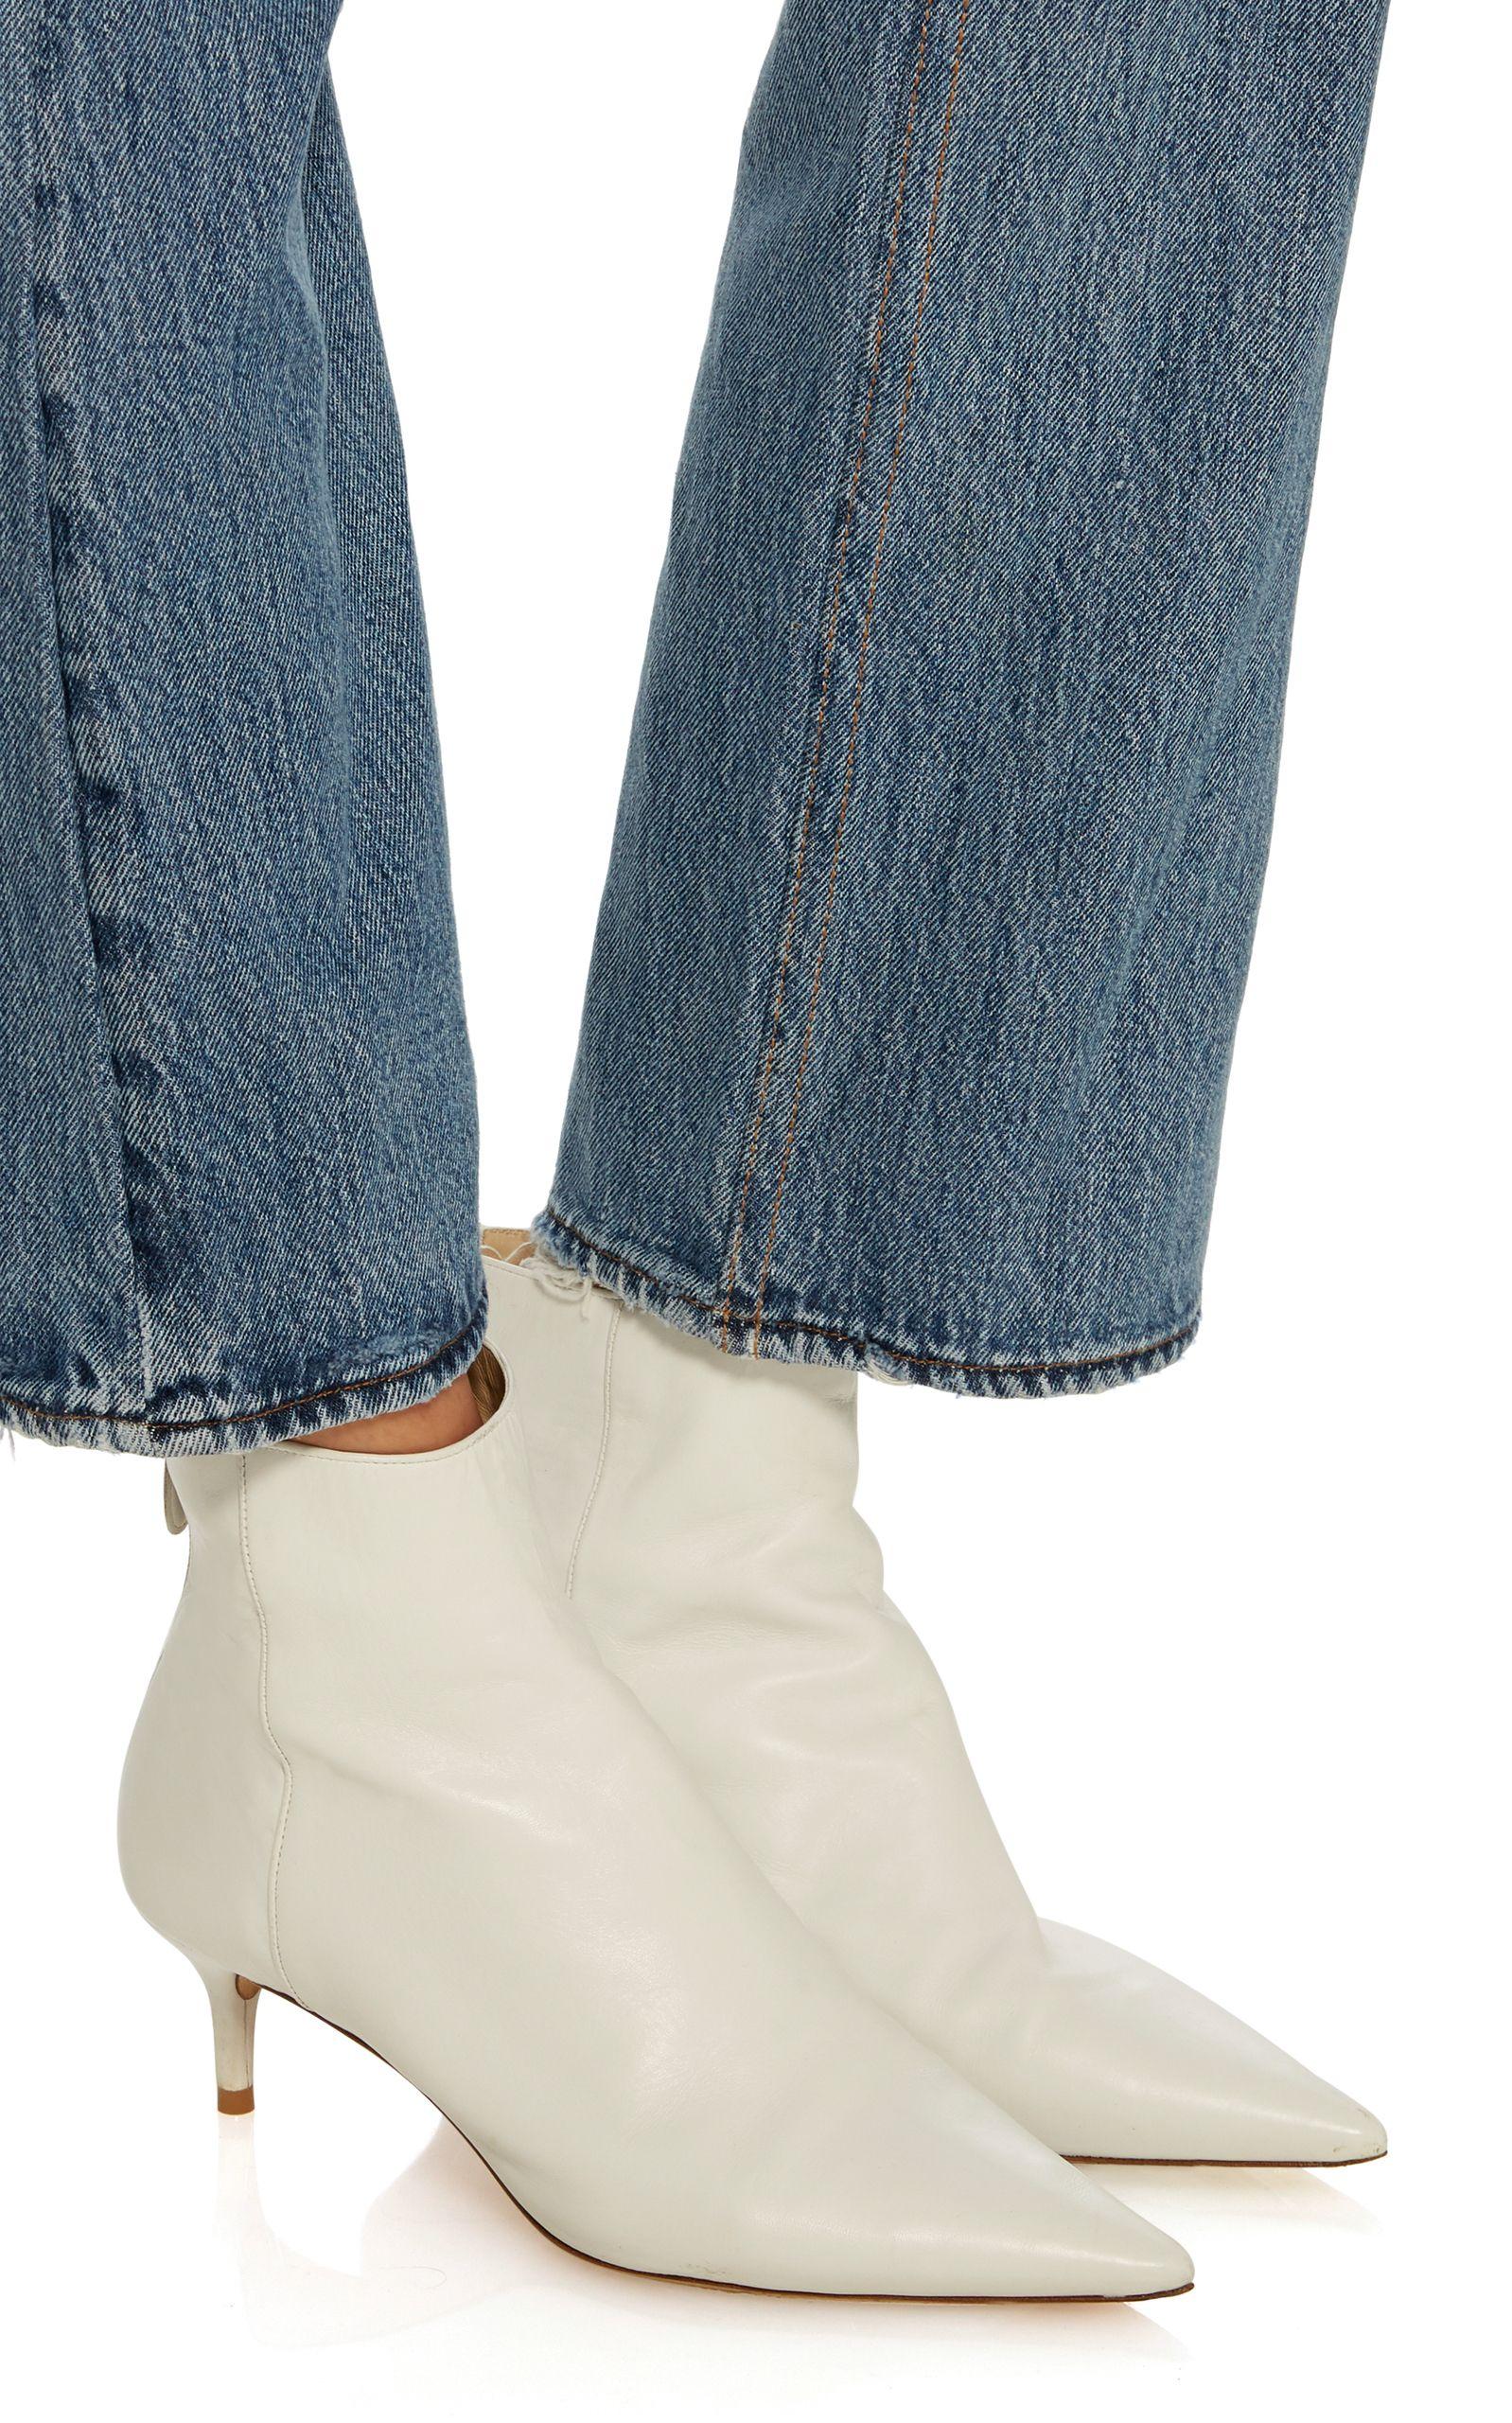 Alexandre Birman Kittie Leather Boots 695 Kitten Heel Boots Boots Bootie Boots